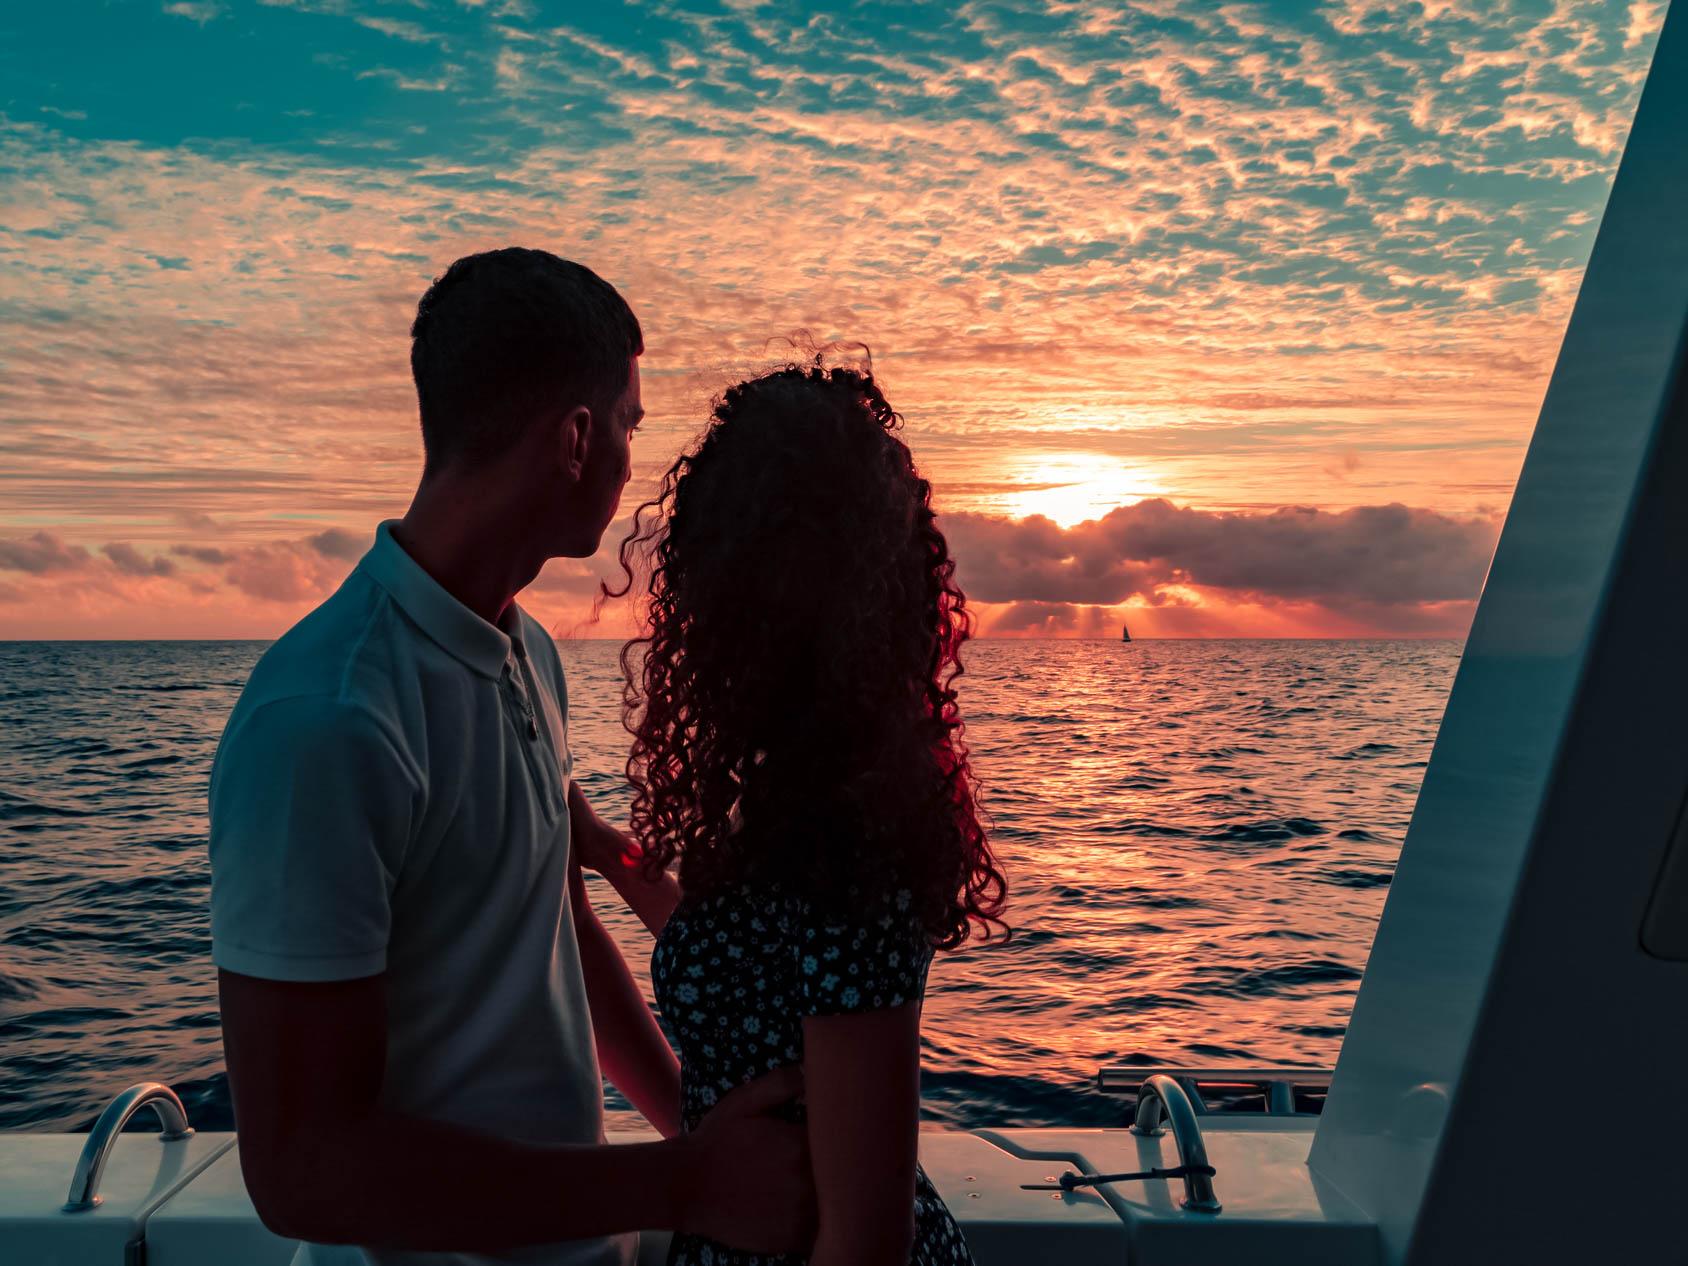 sortie au coucher de soleil sur le catamaran le Maloya ile de La Réunion